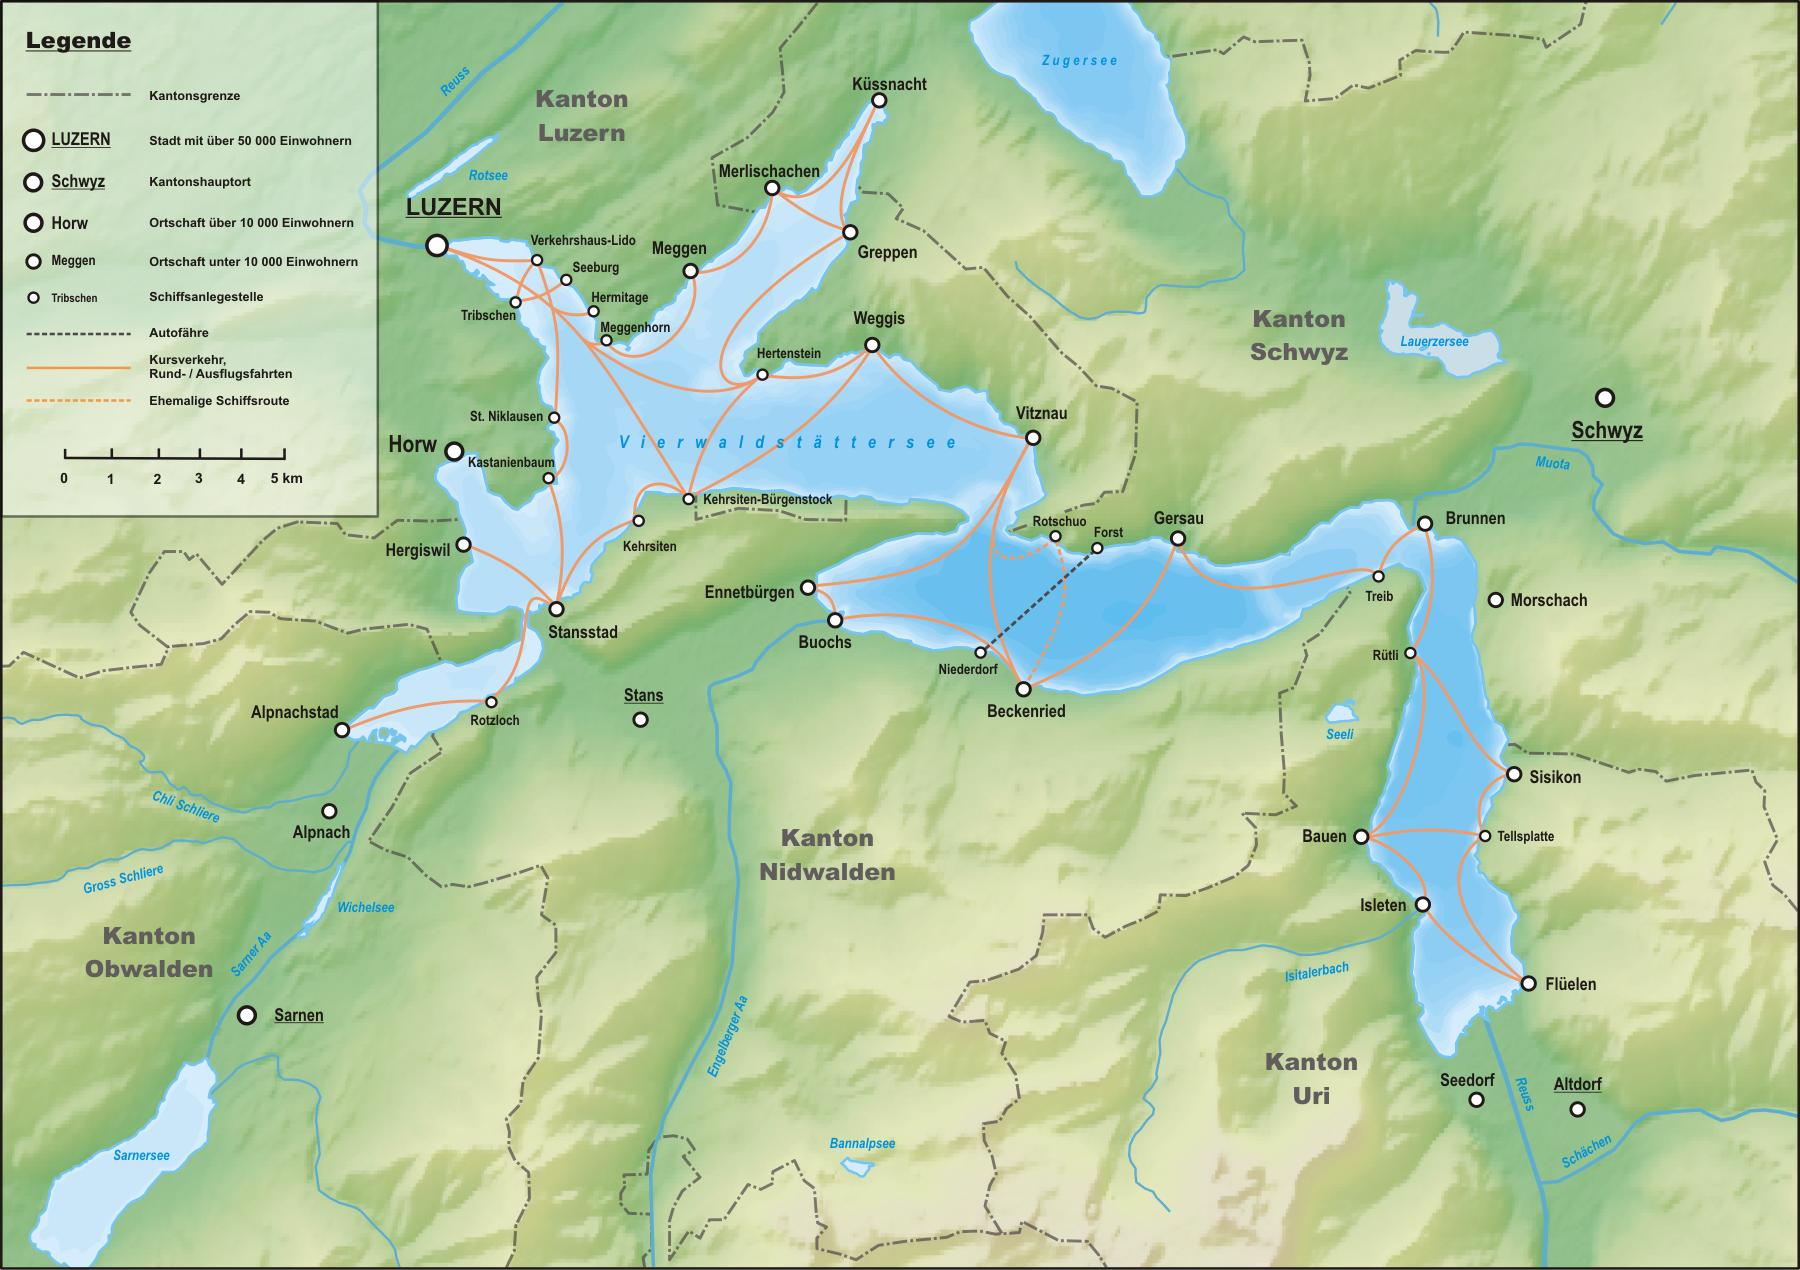 Маршруты круизов по Фирвальдштетскому озеру